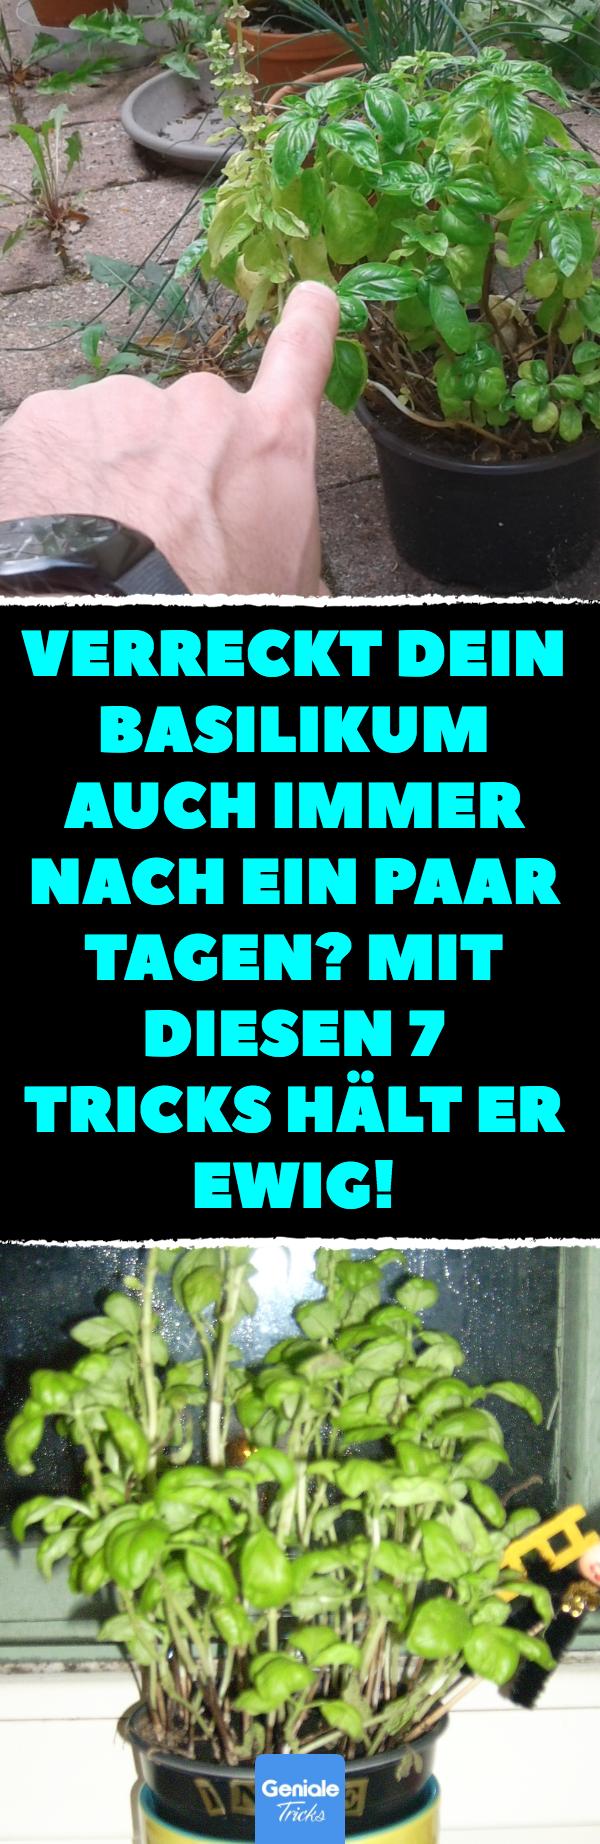 4 Tricks, mit denen dein Basilikum ewig lebt. #vertikalergemüsegarten